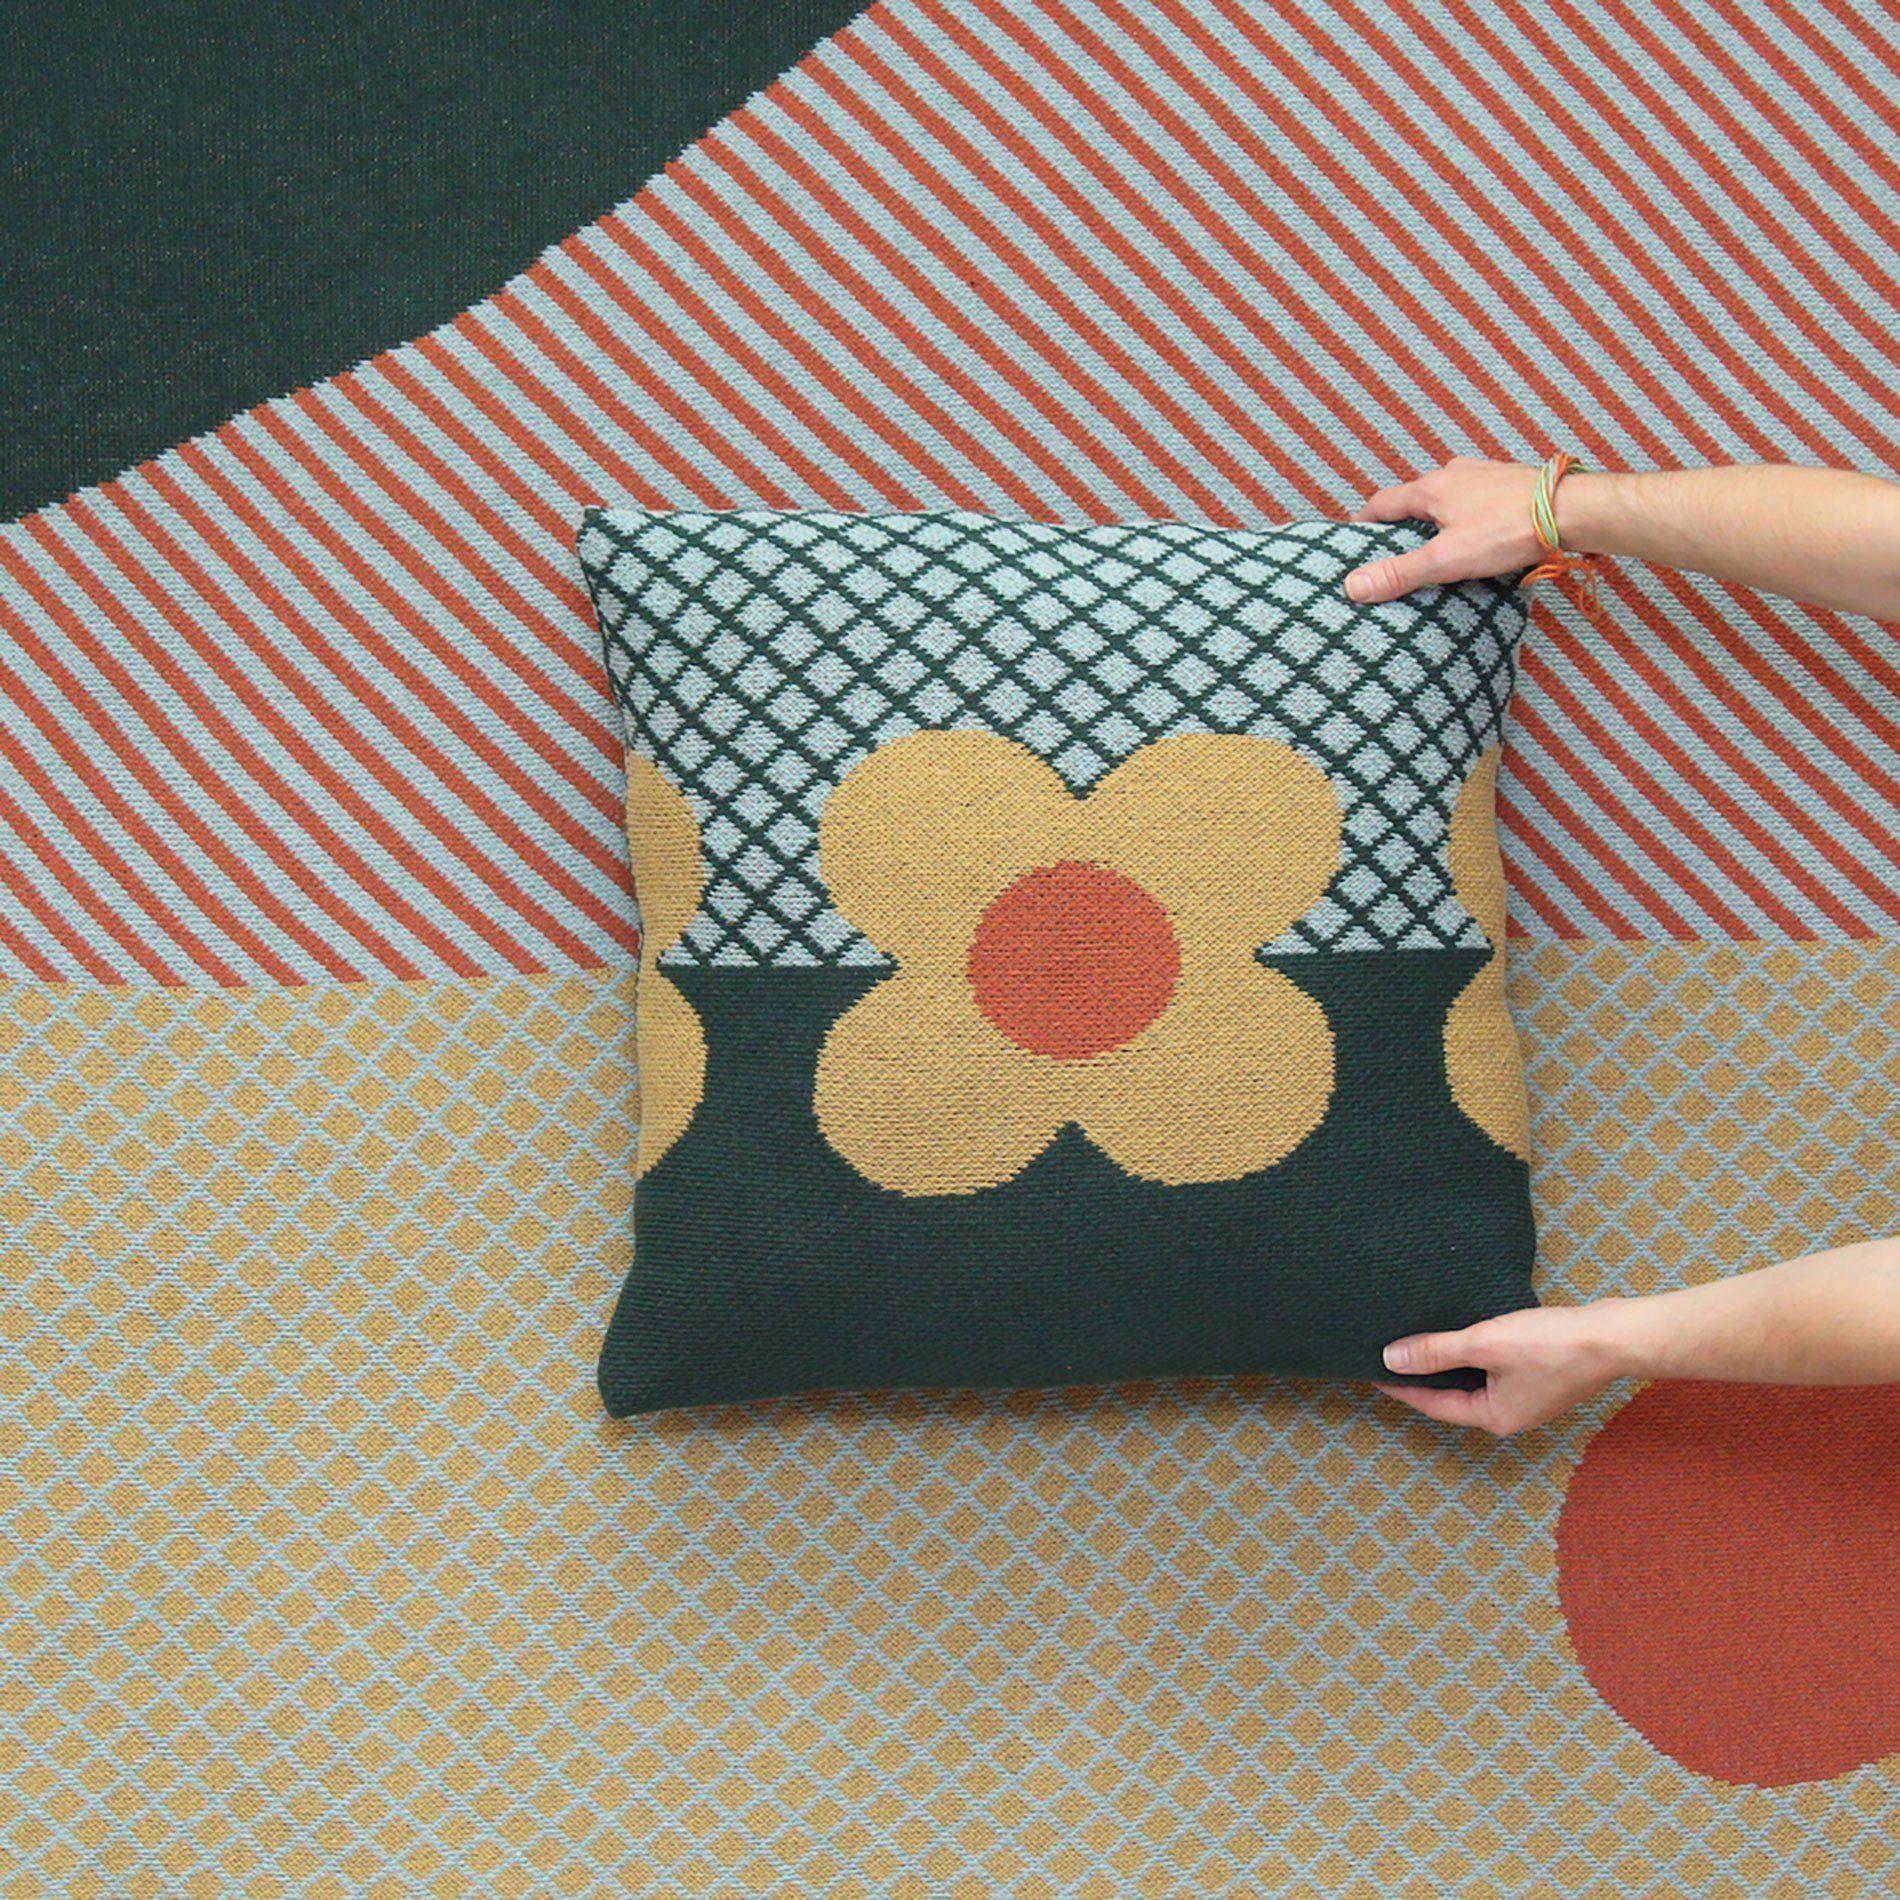 DittoHouse Courageous Woman Collezione textile design